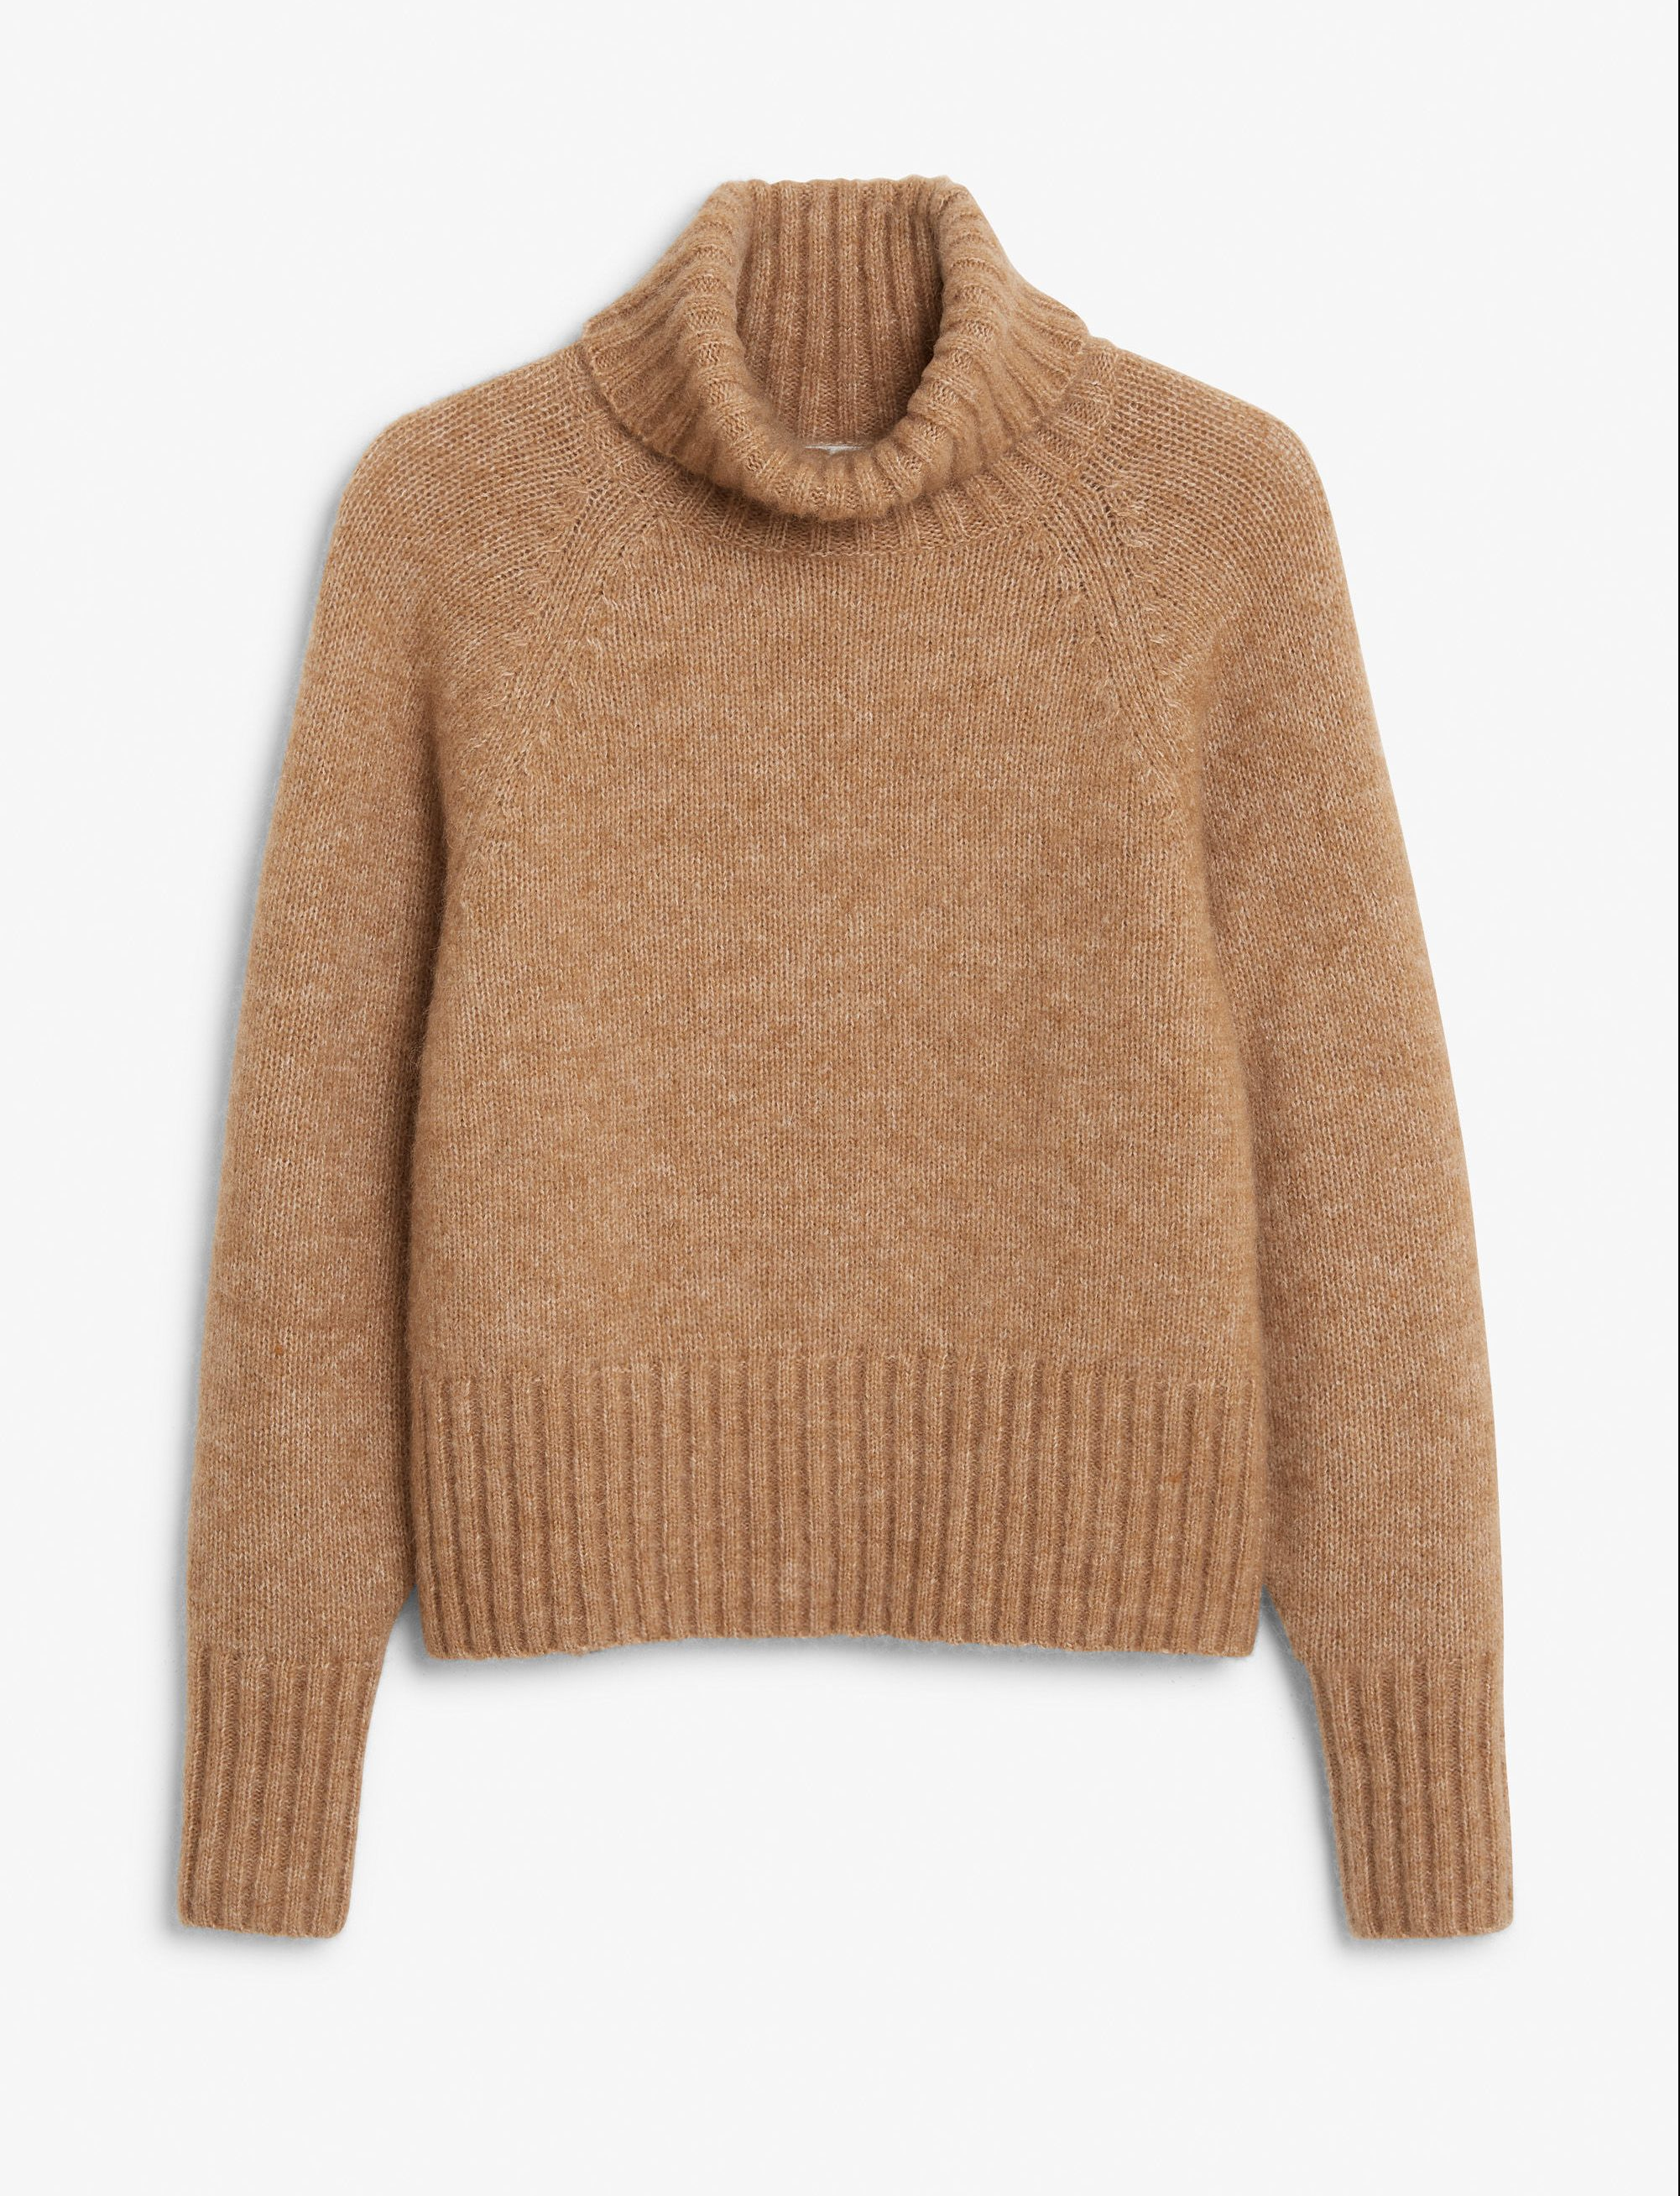 strik, knit, monki, brun, jordfarve, efterår